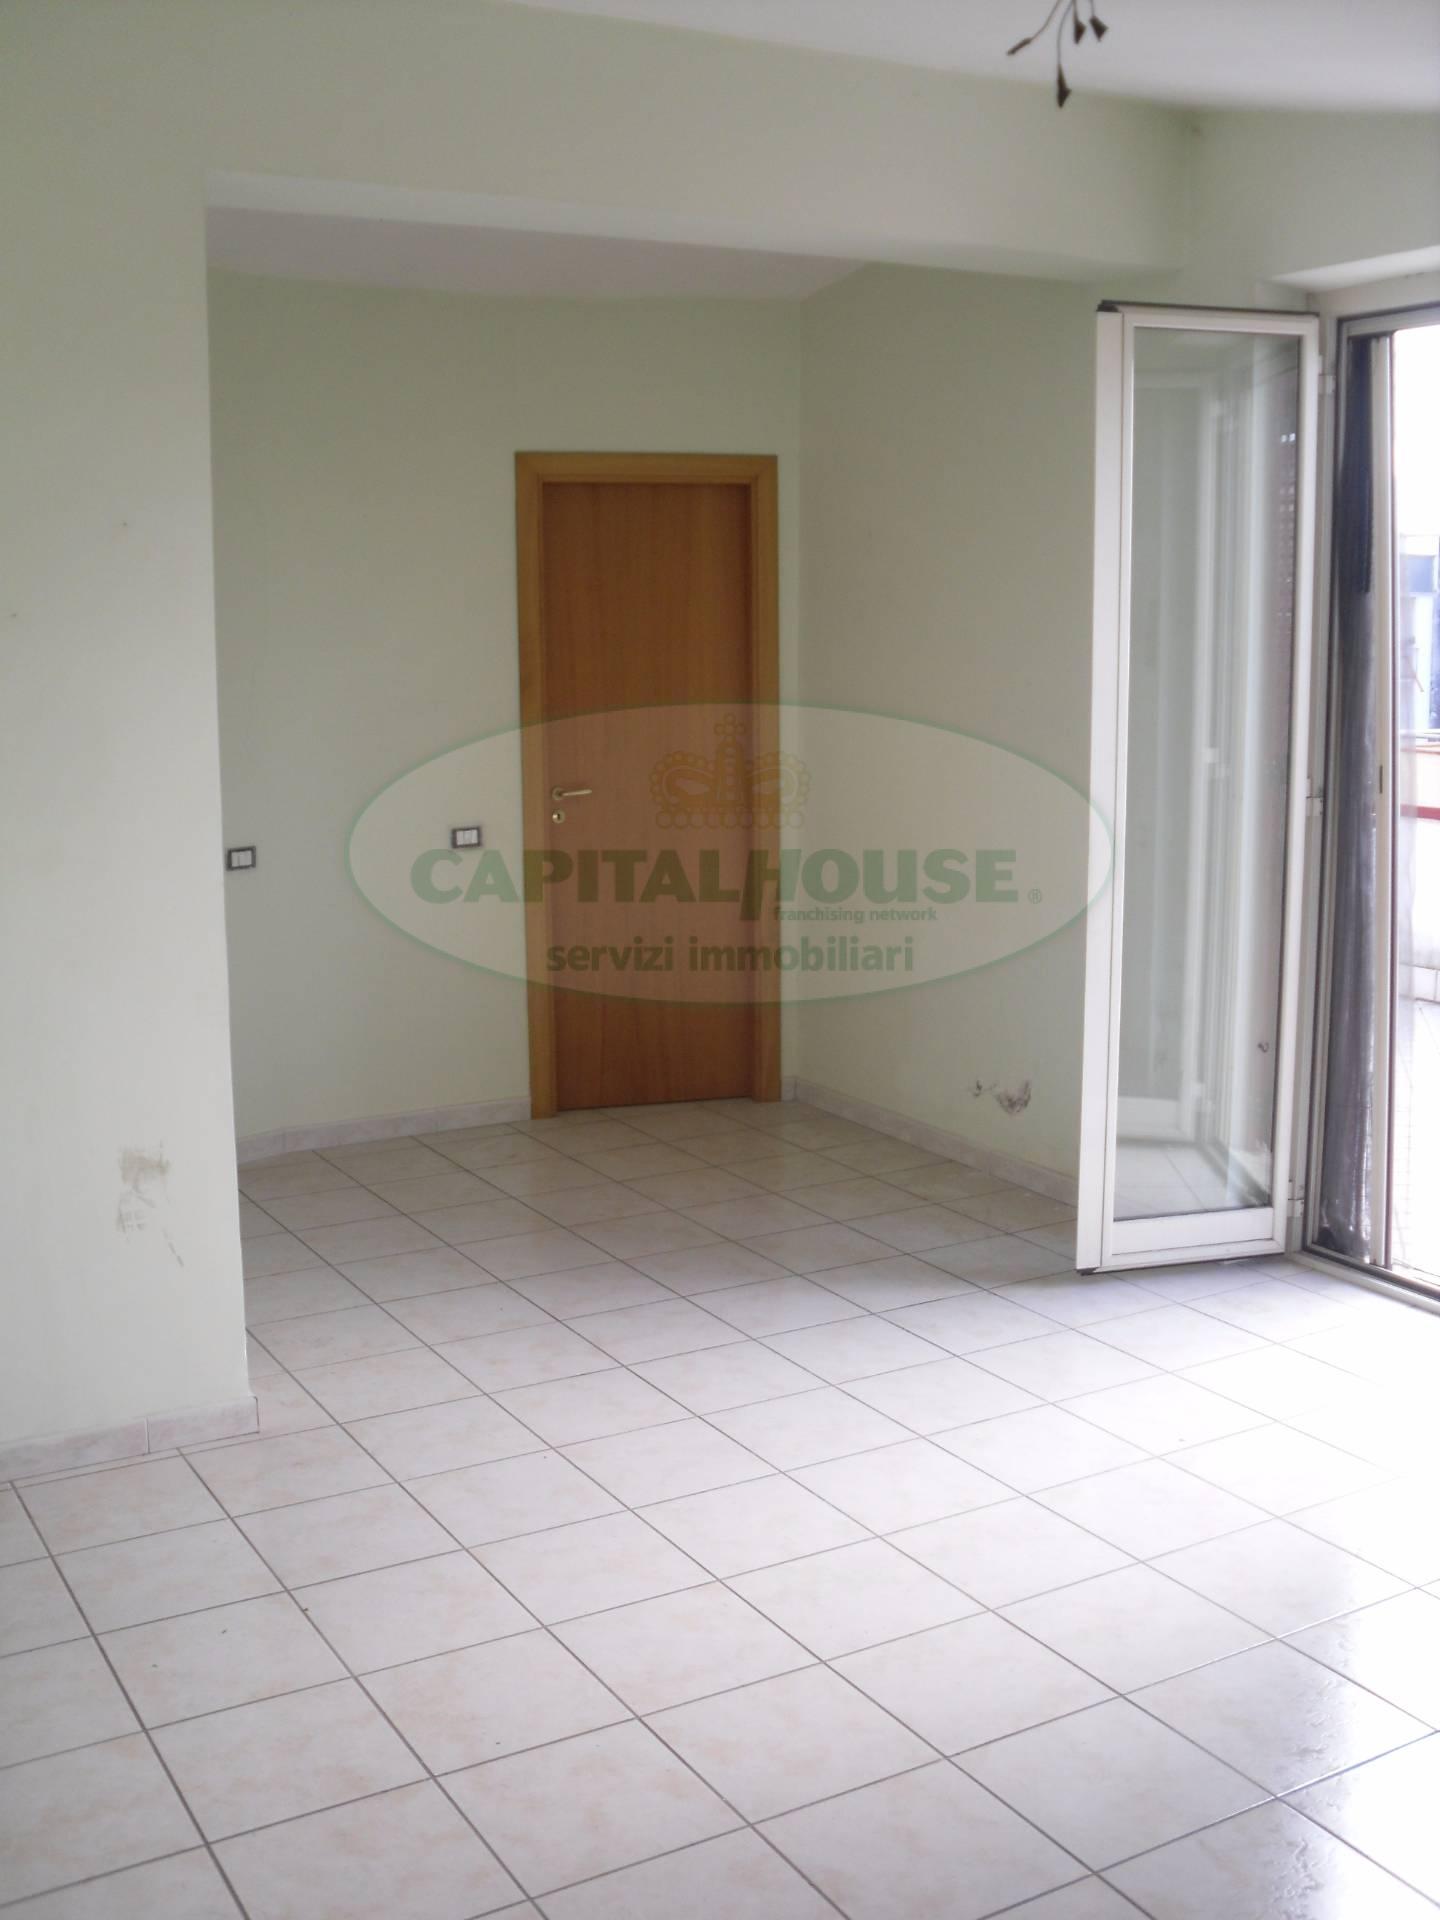 Attico / Mansarda in affitto a Nola, 2 locali, prezzo € 400   Cambio Casa.it